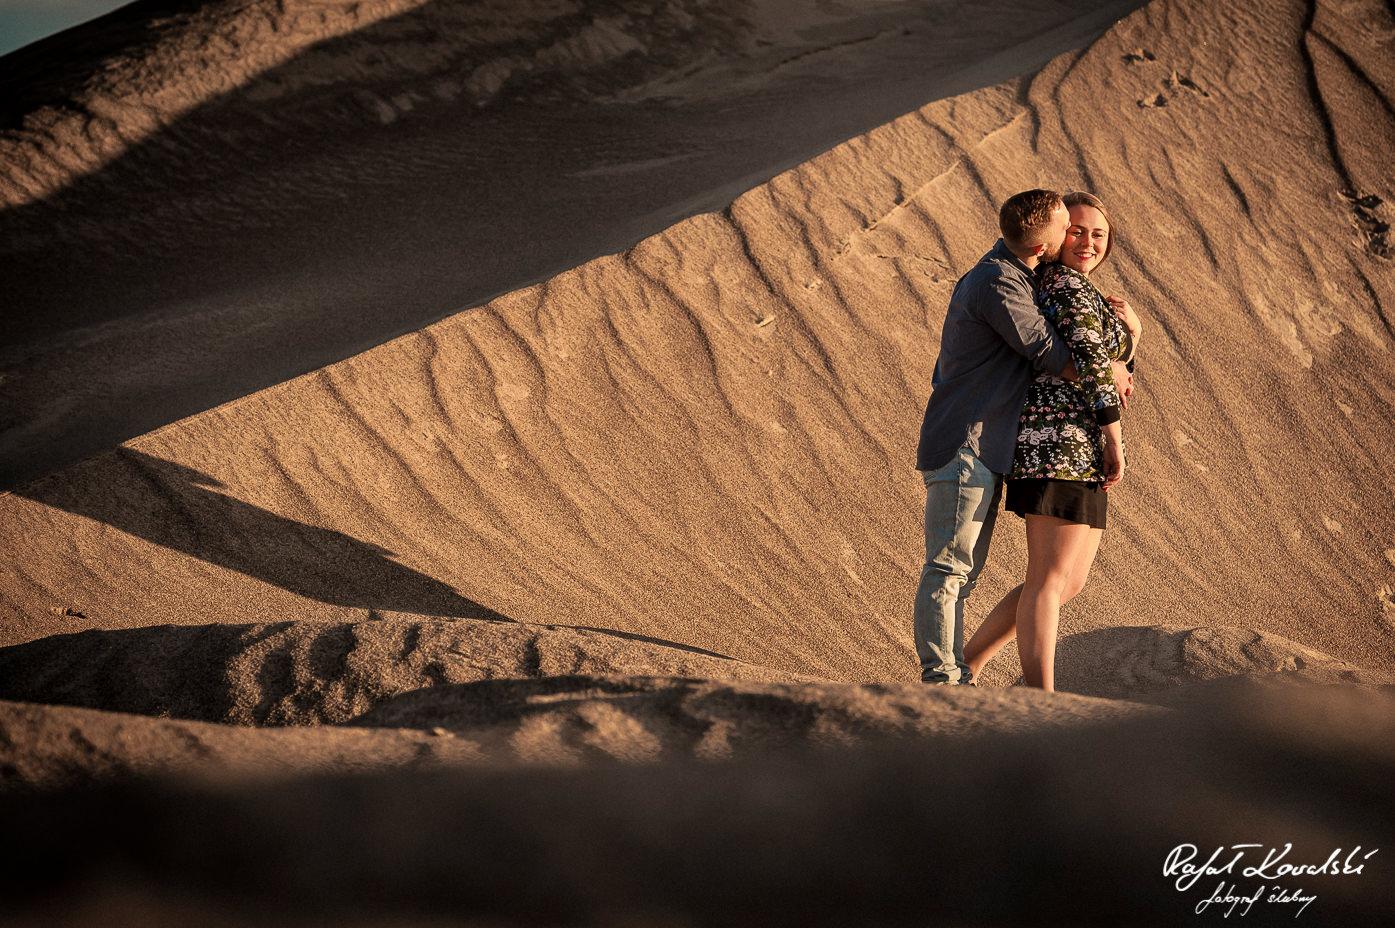 gra złotego światła i cieni na piaskowym tle podkreśla romantyczny charakter sesji narzeczeńskiej